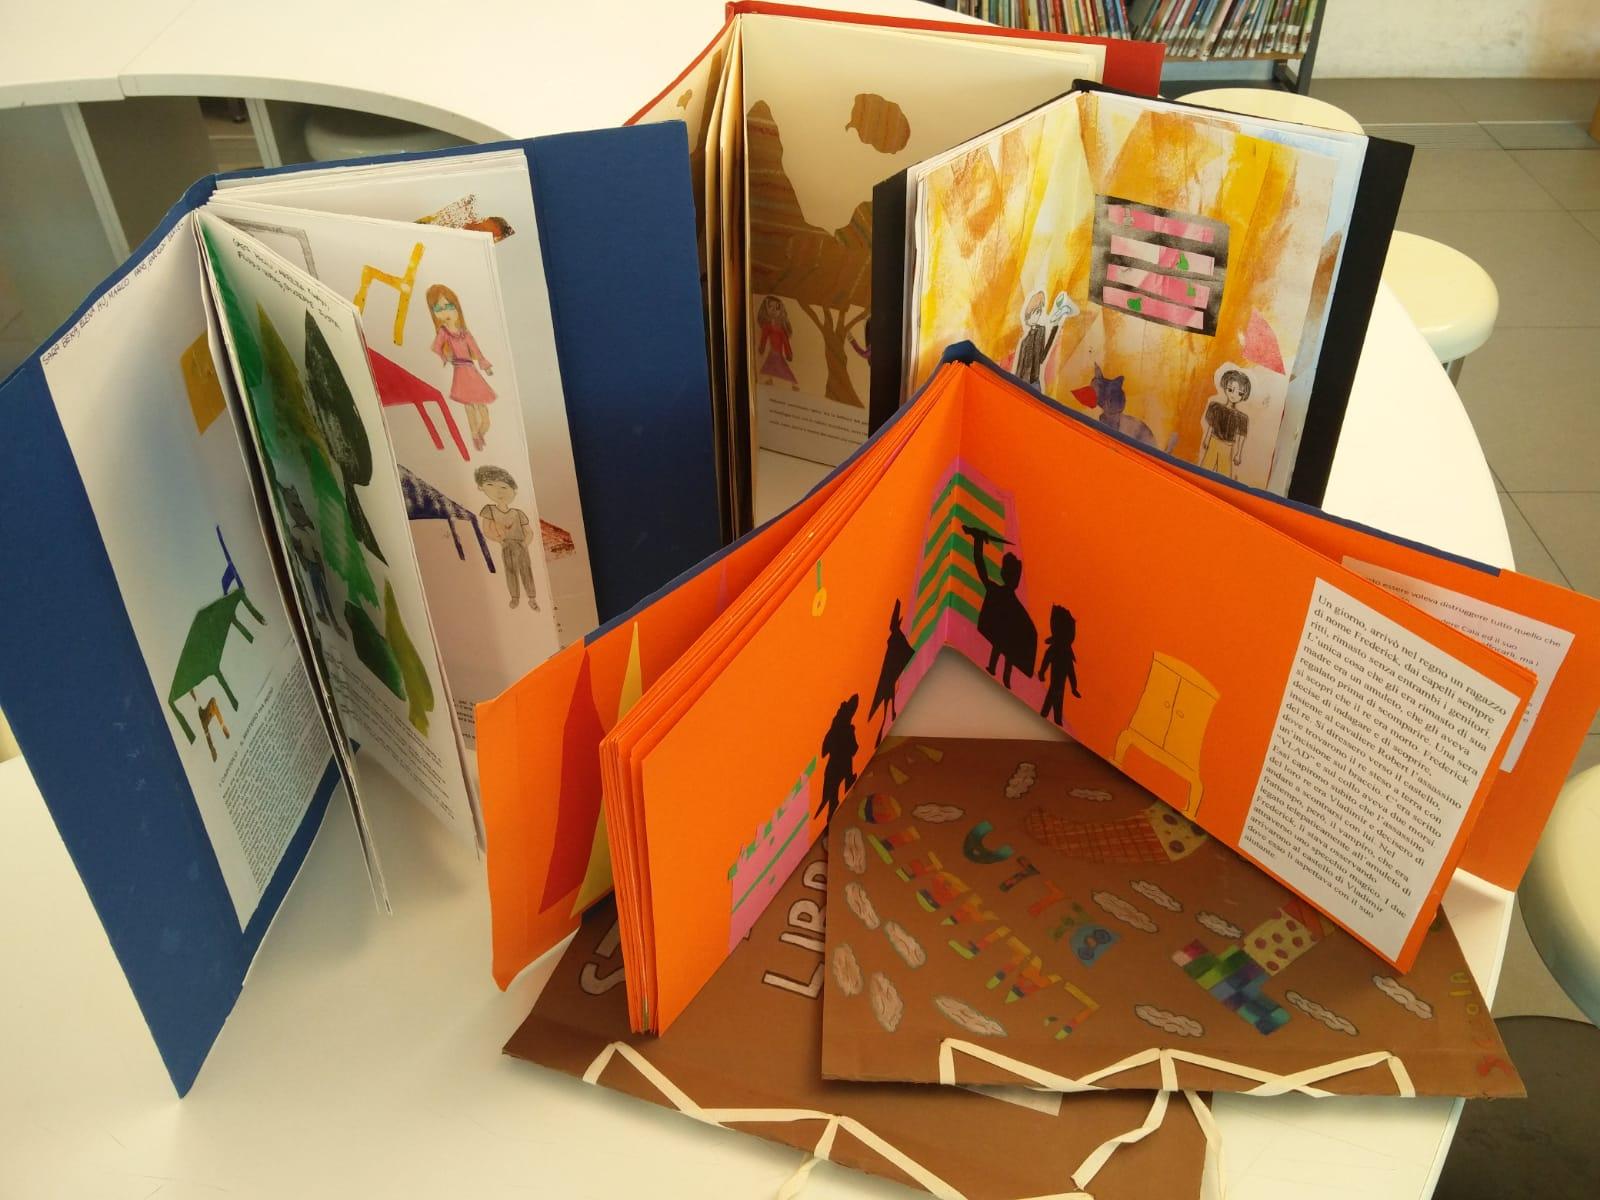 Mostra laboratori - libri sezione ragazzi